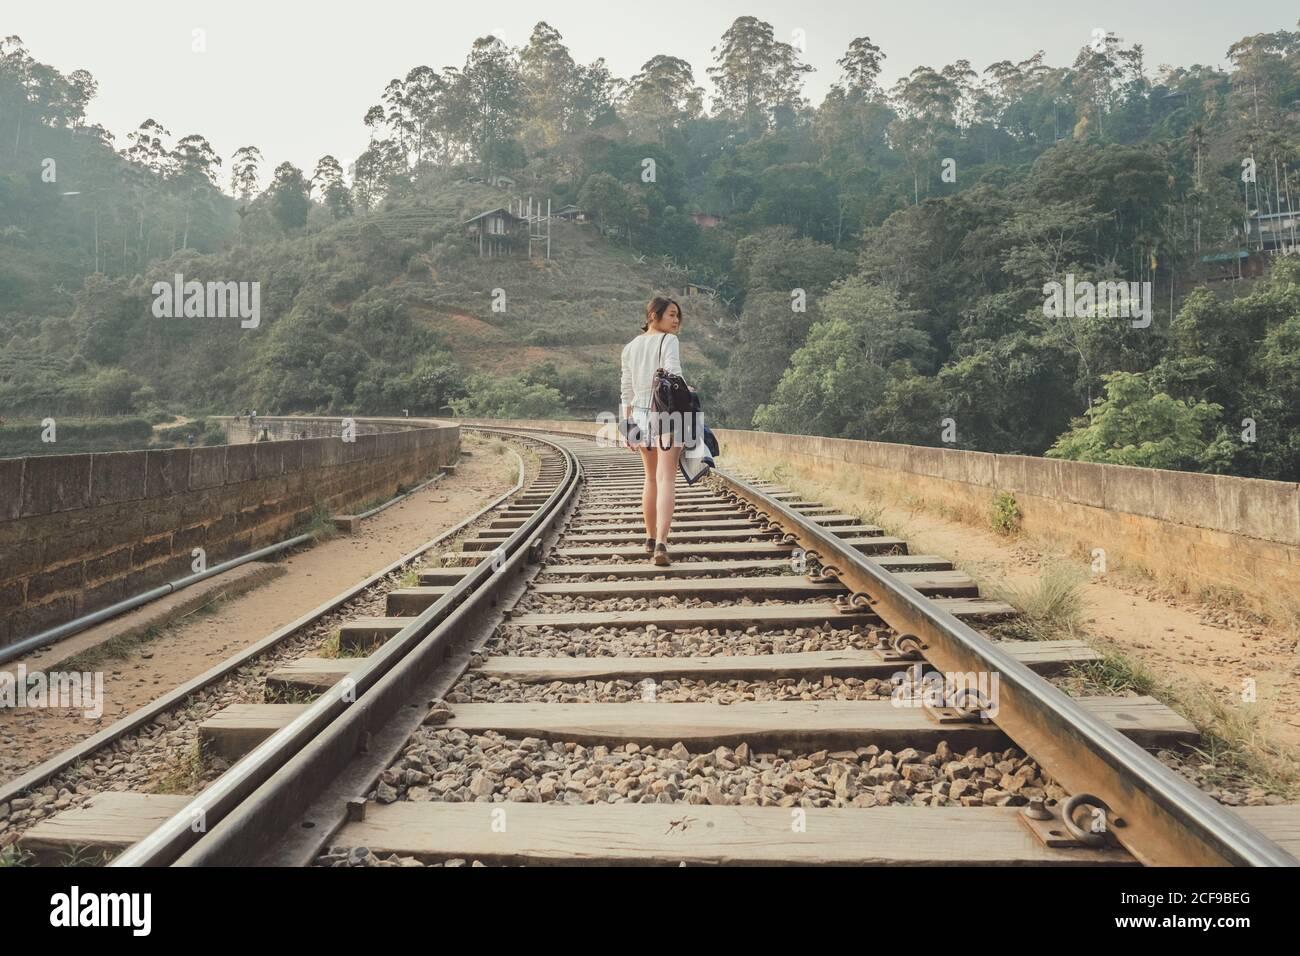 mujer anónima que camina en ferrocarril solitario contra el bosque exótico Foto de stock